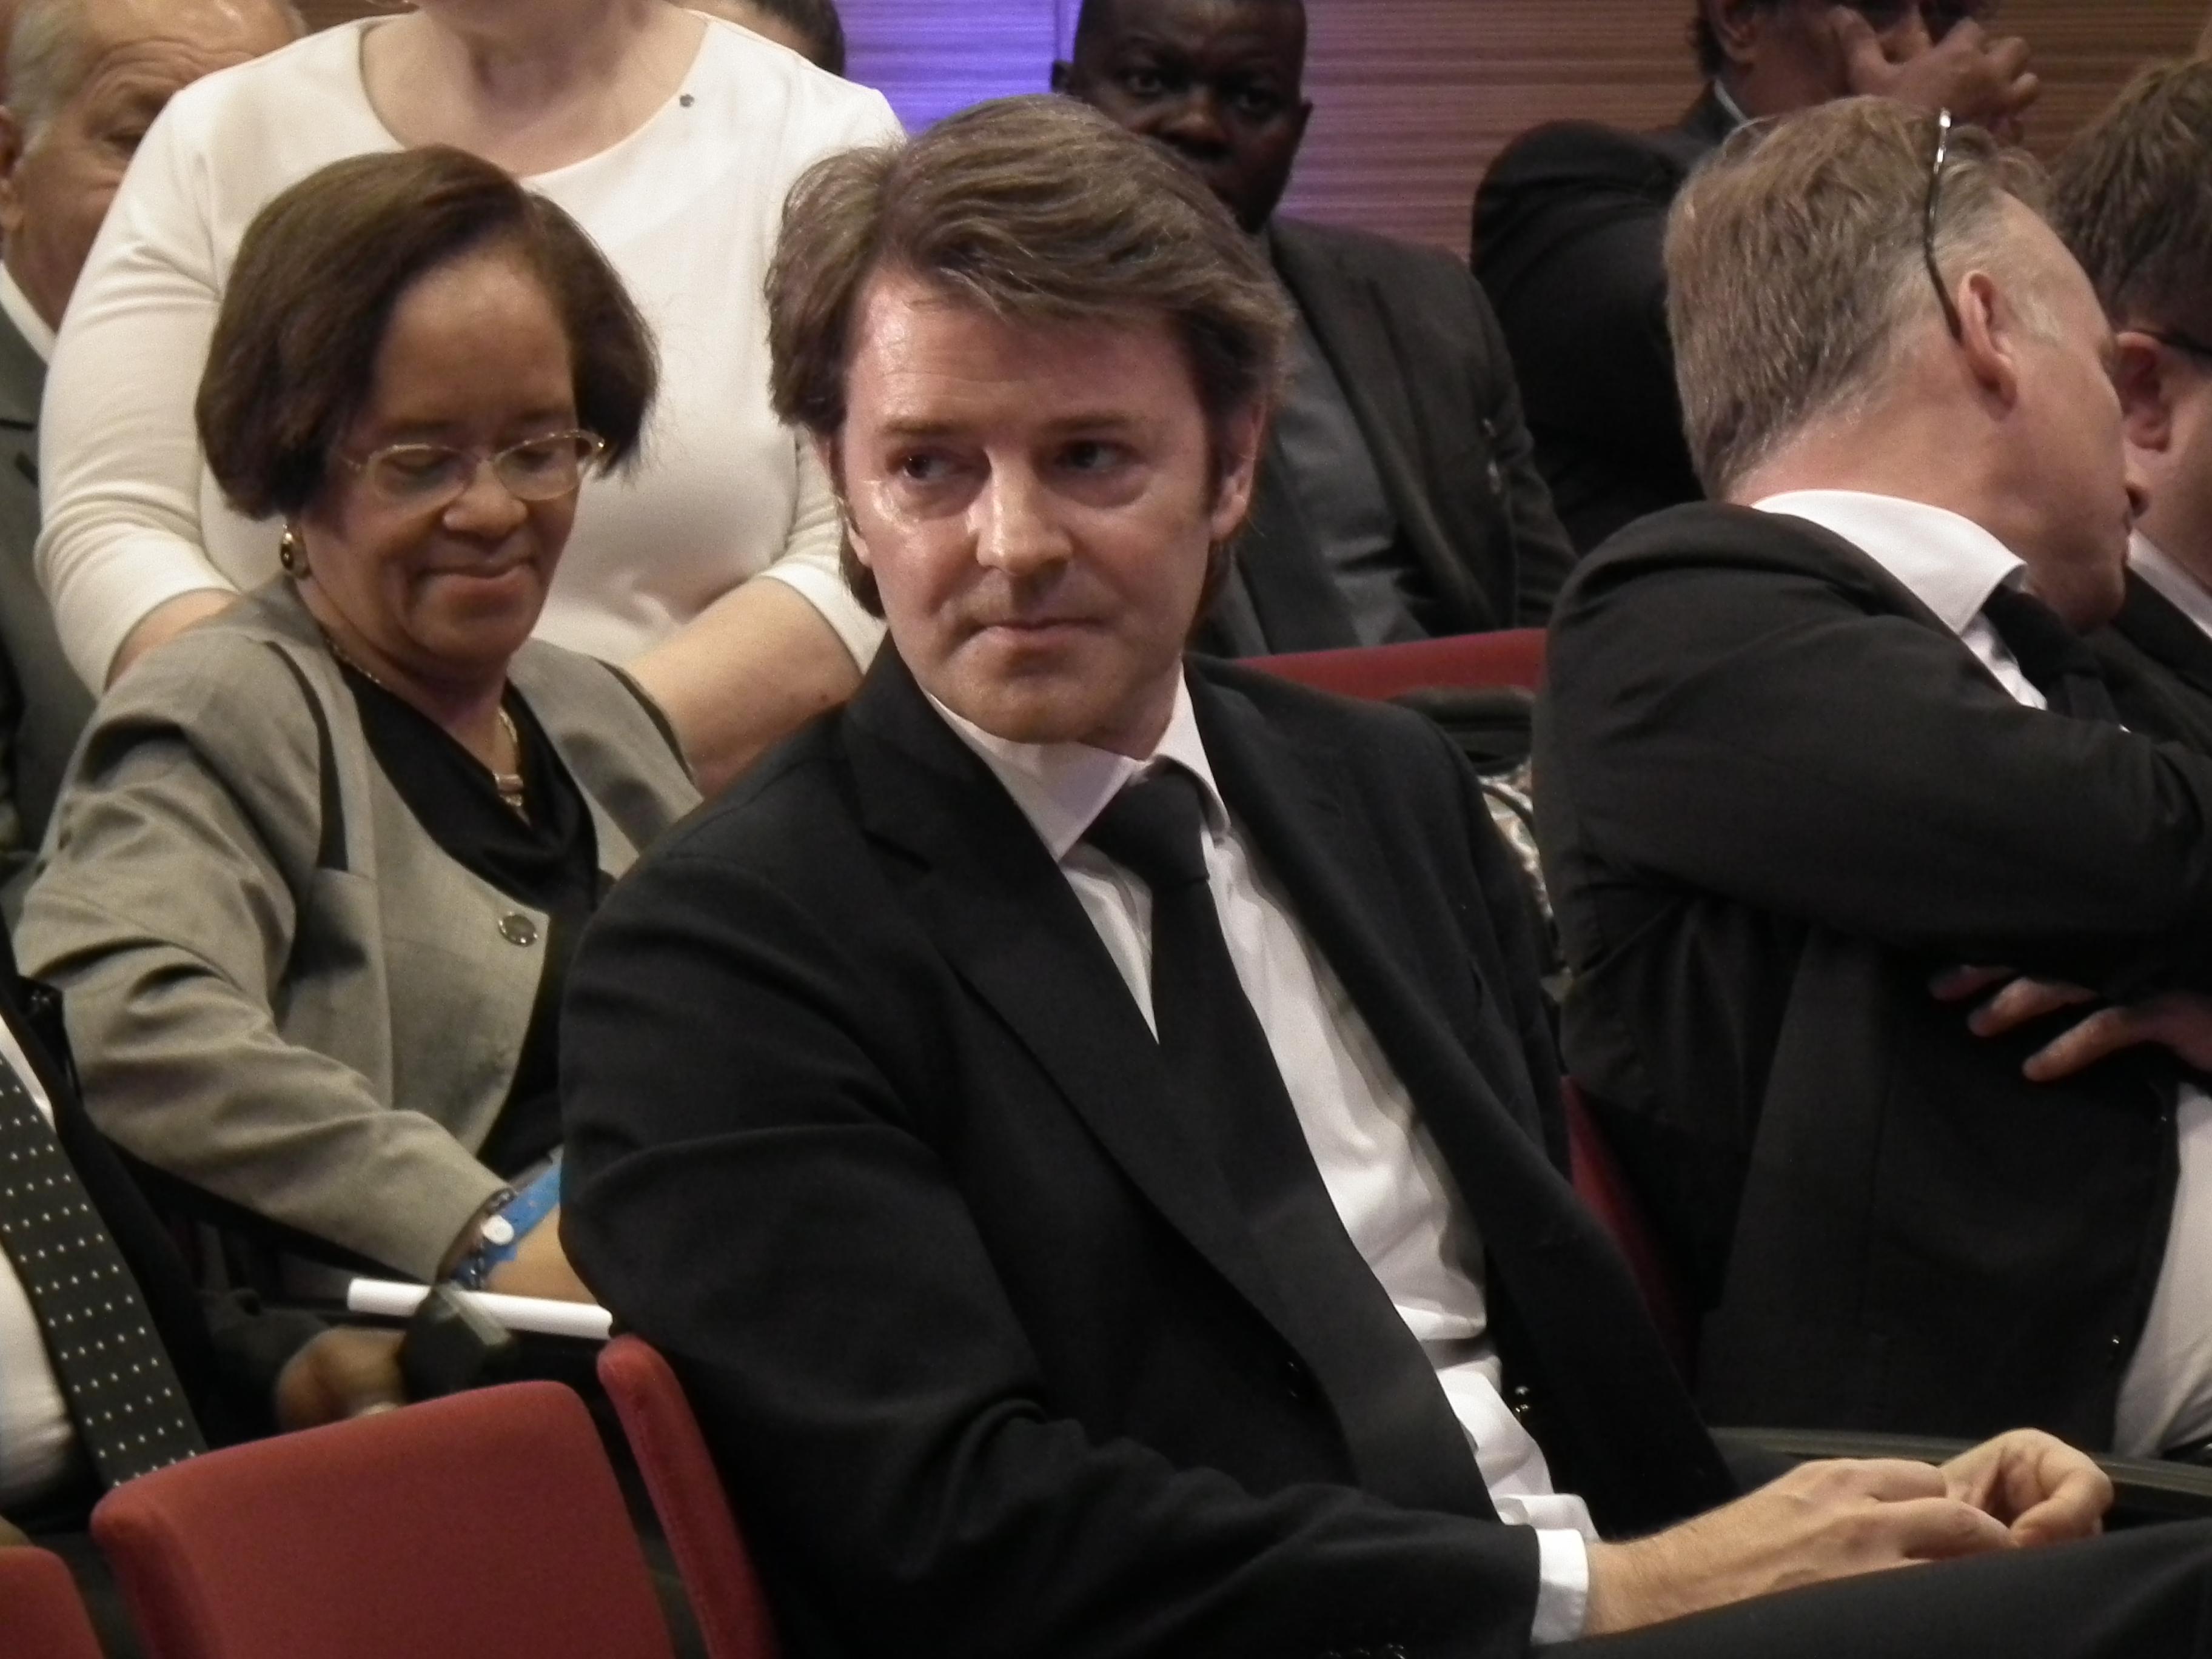 Le sénateur apparenté Les Républicains François Baroin, président de l'Association des maires de France.